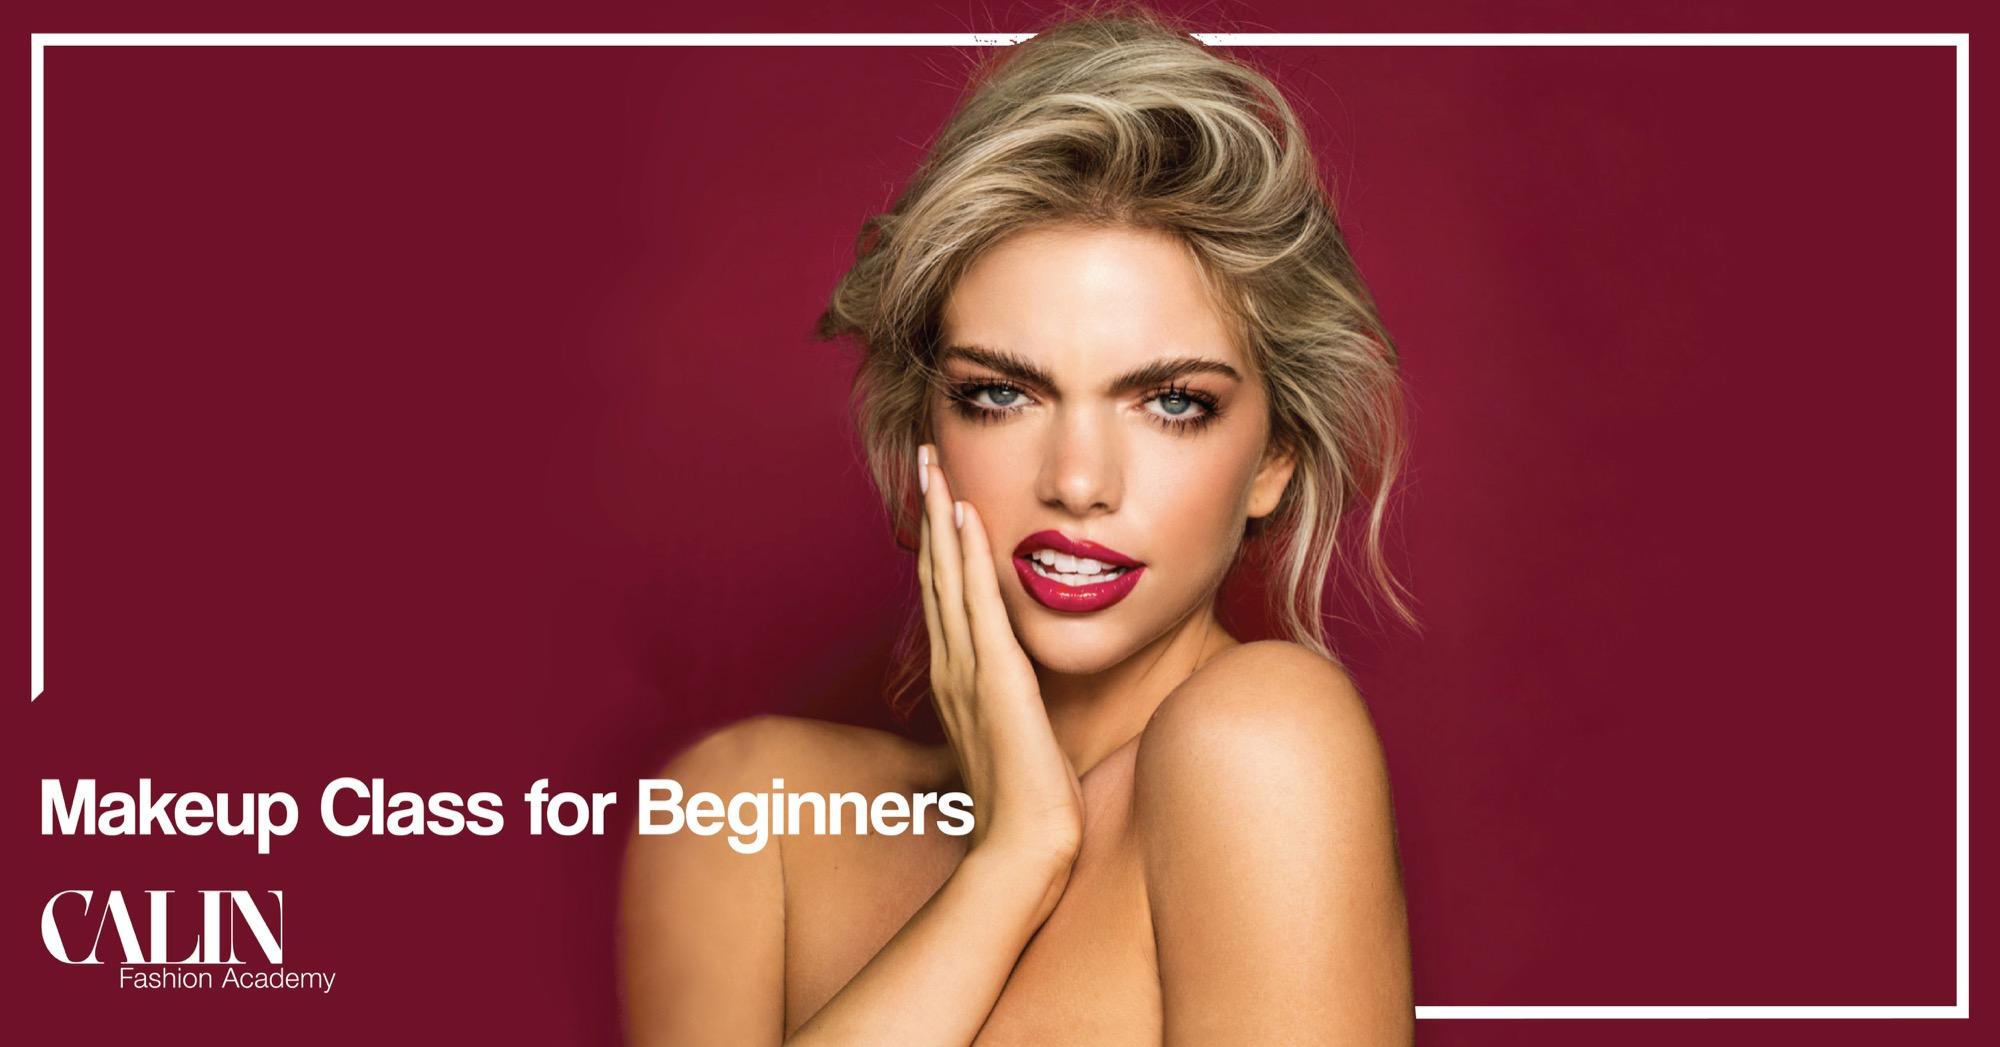 Makeup Class for Beginners